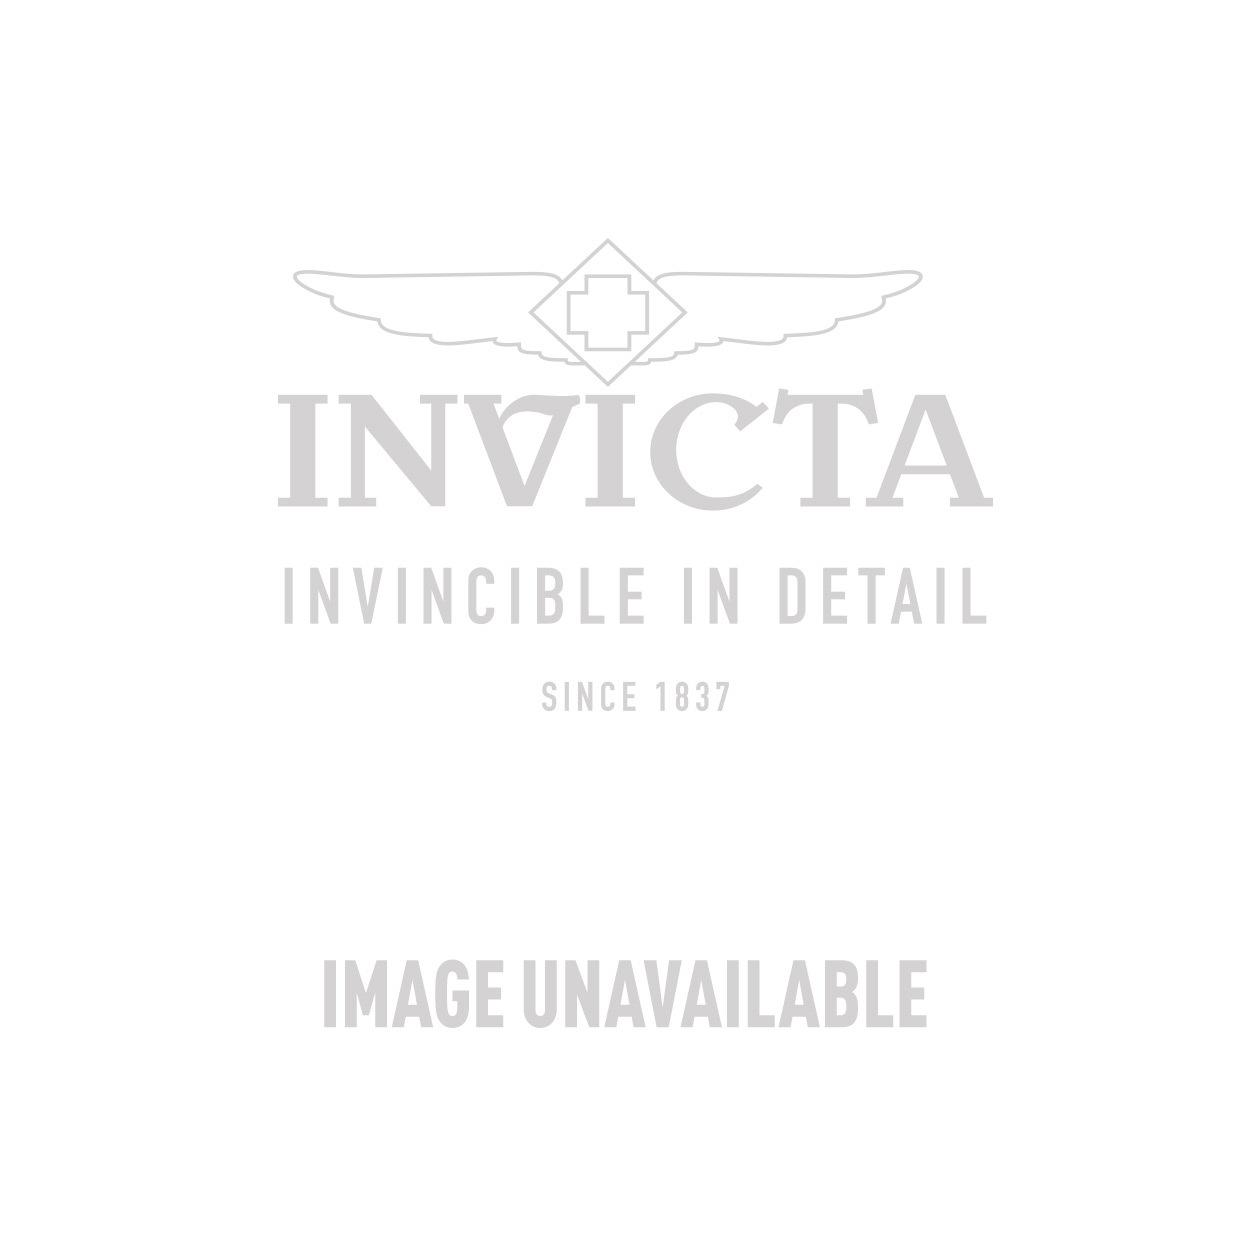 Invicta Model  25146